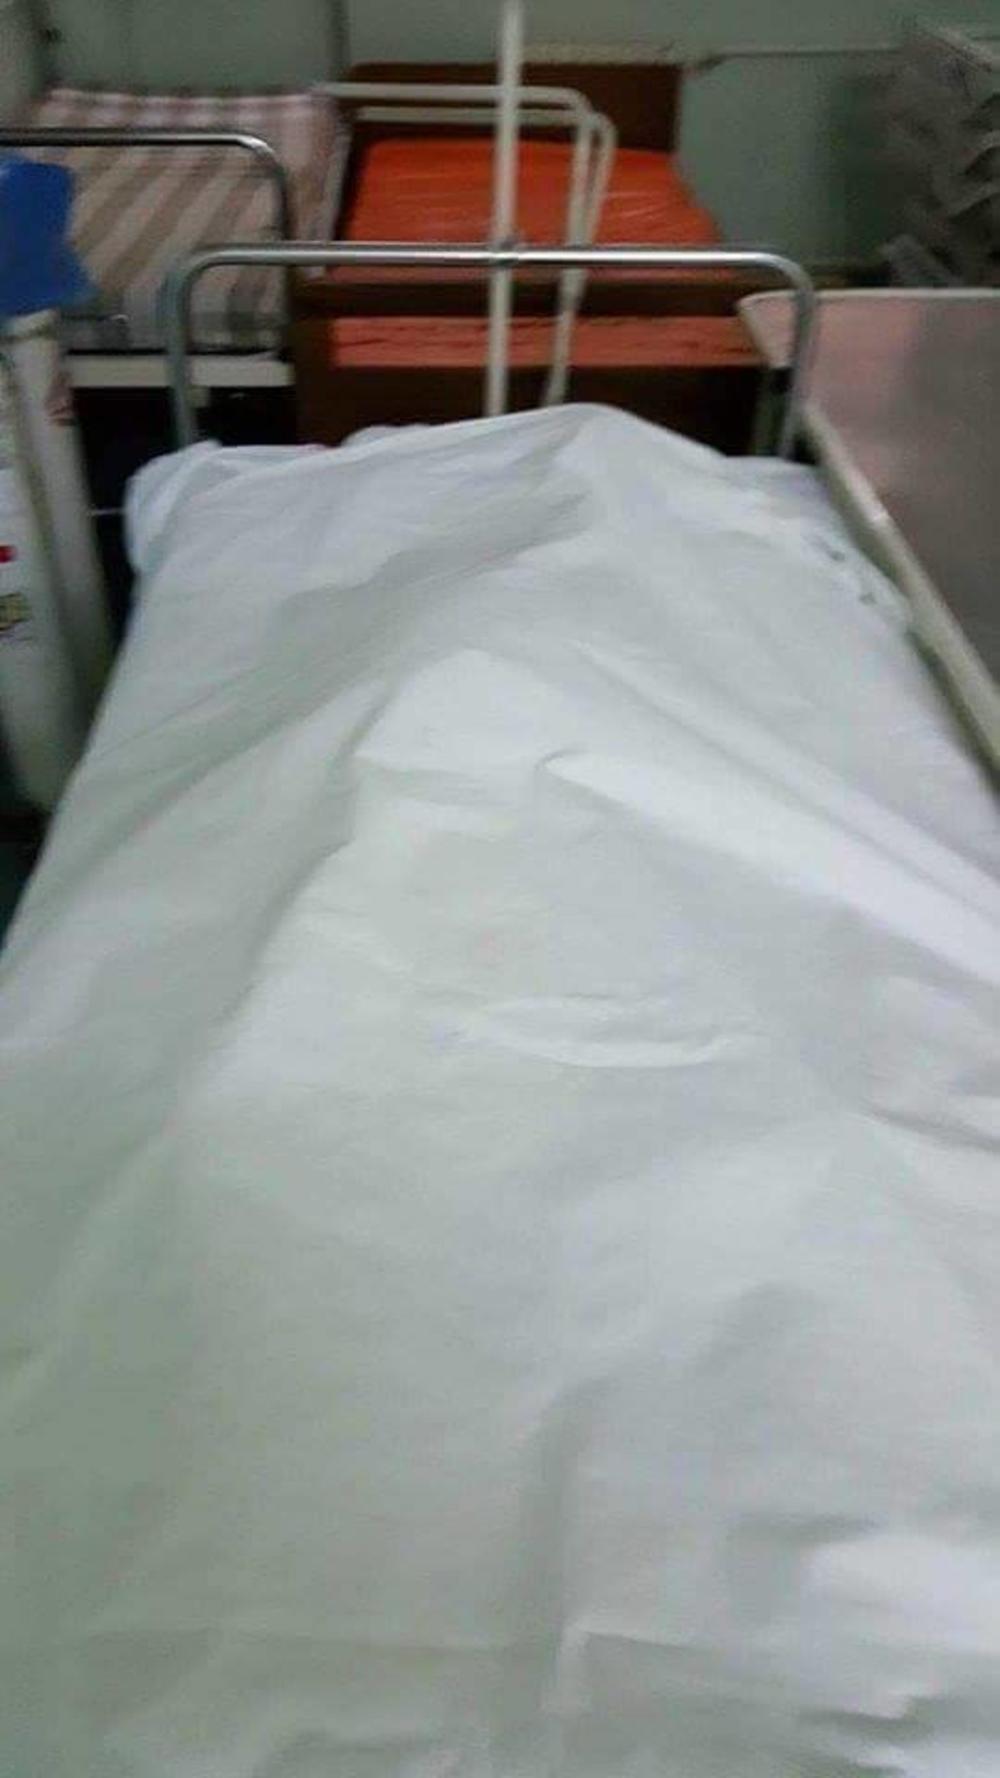 ЛЕШ У ХОДНИКУ, РУШЕ СЕ ЗИДОВИ: Нови хорор у српским болницама испливао на видело! Гледате на своју одговорност! (фото)